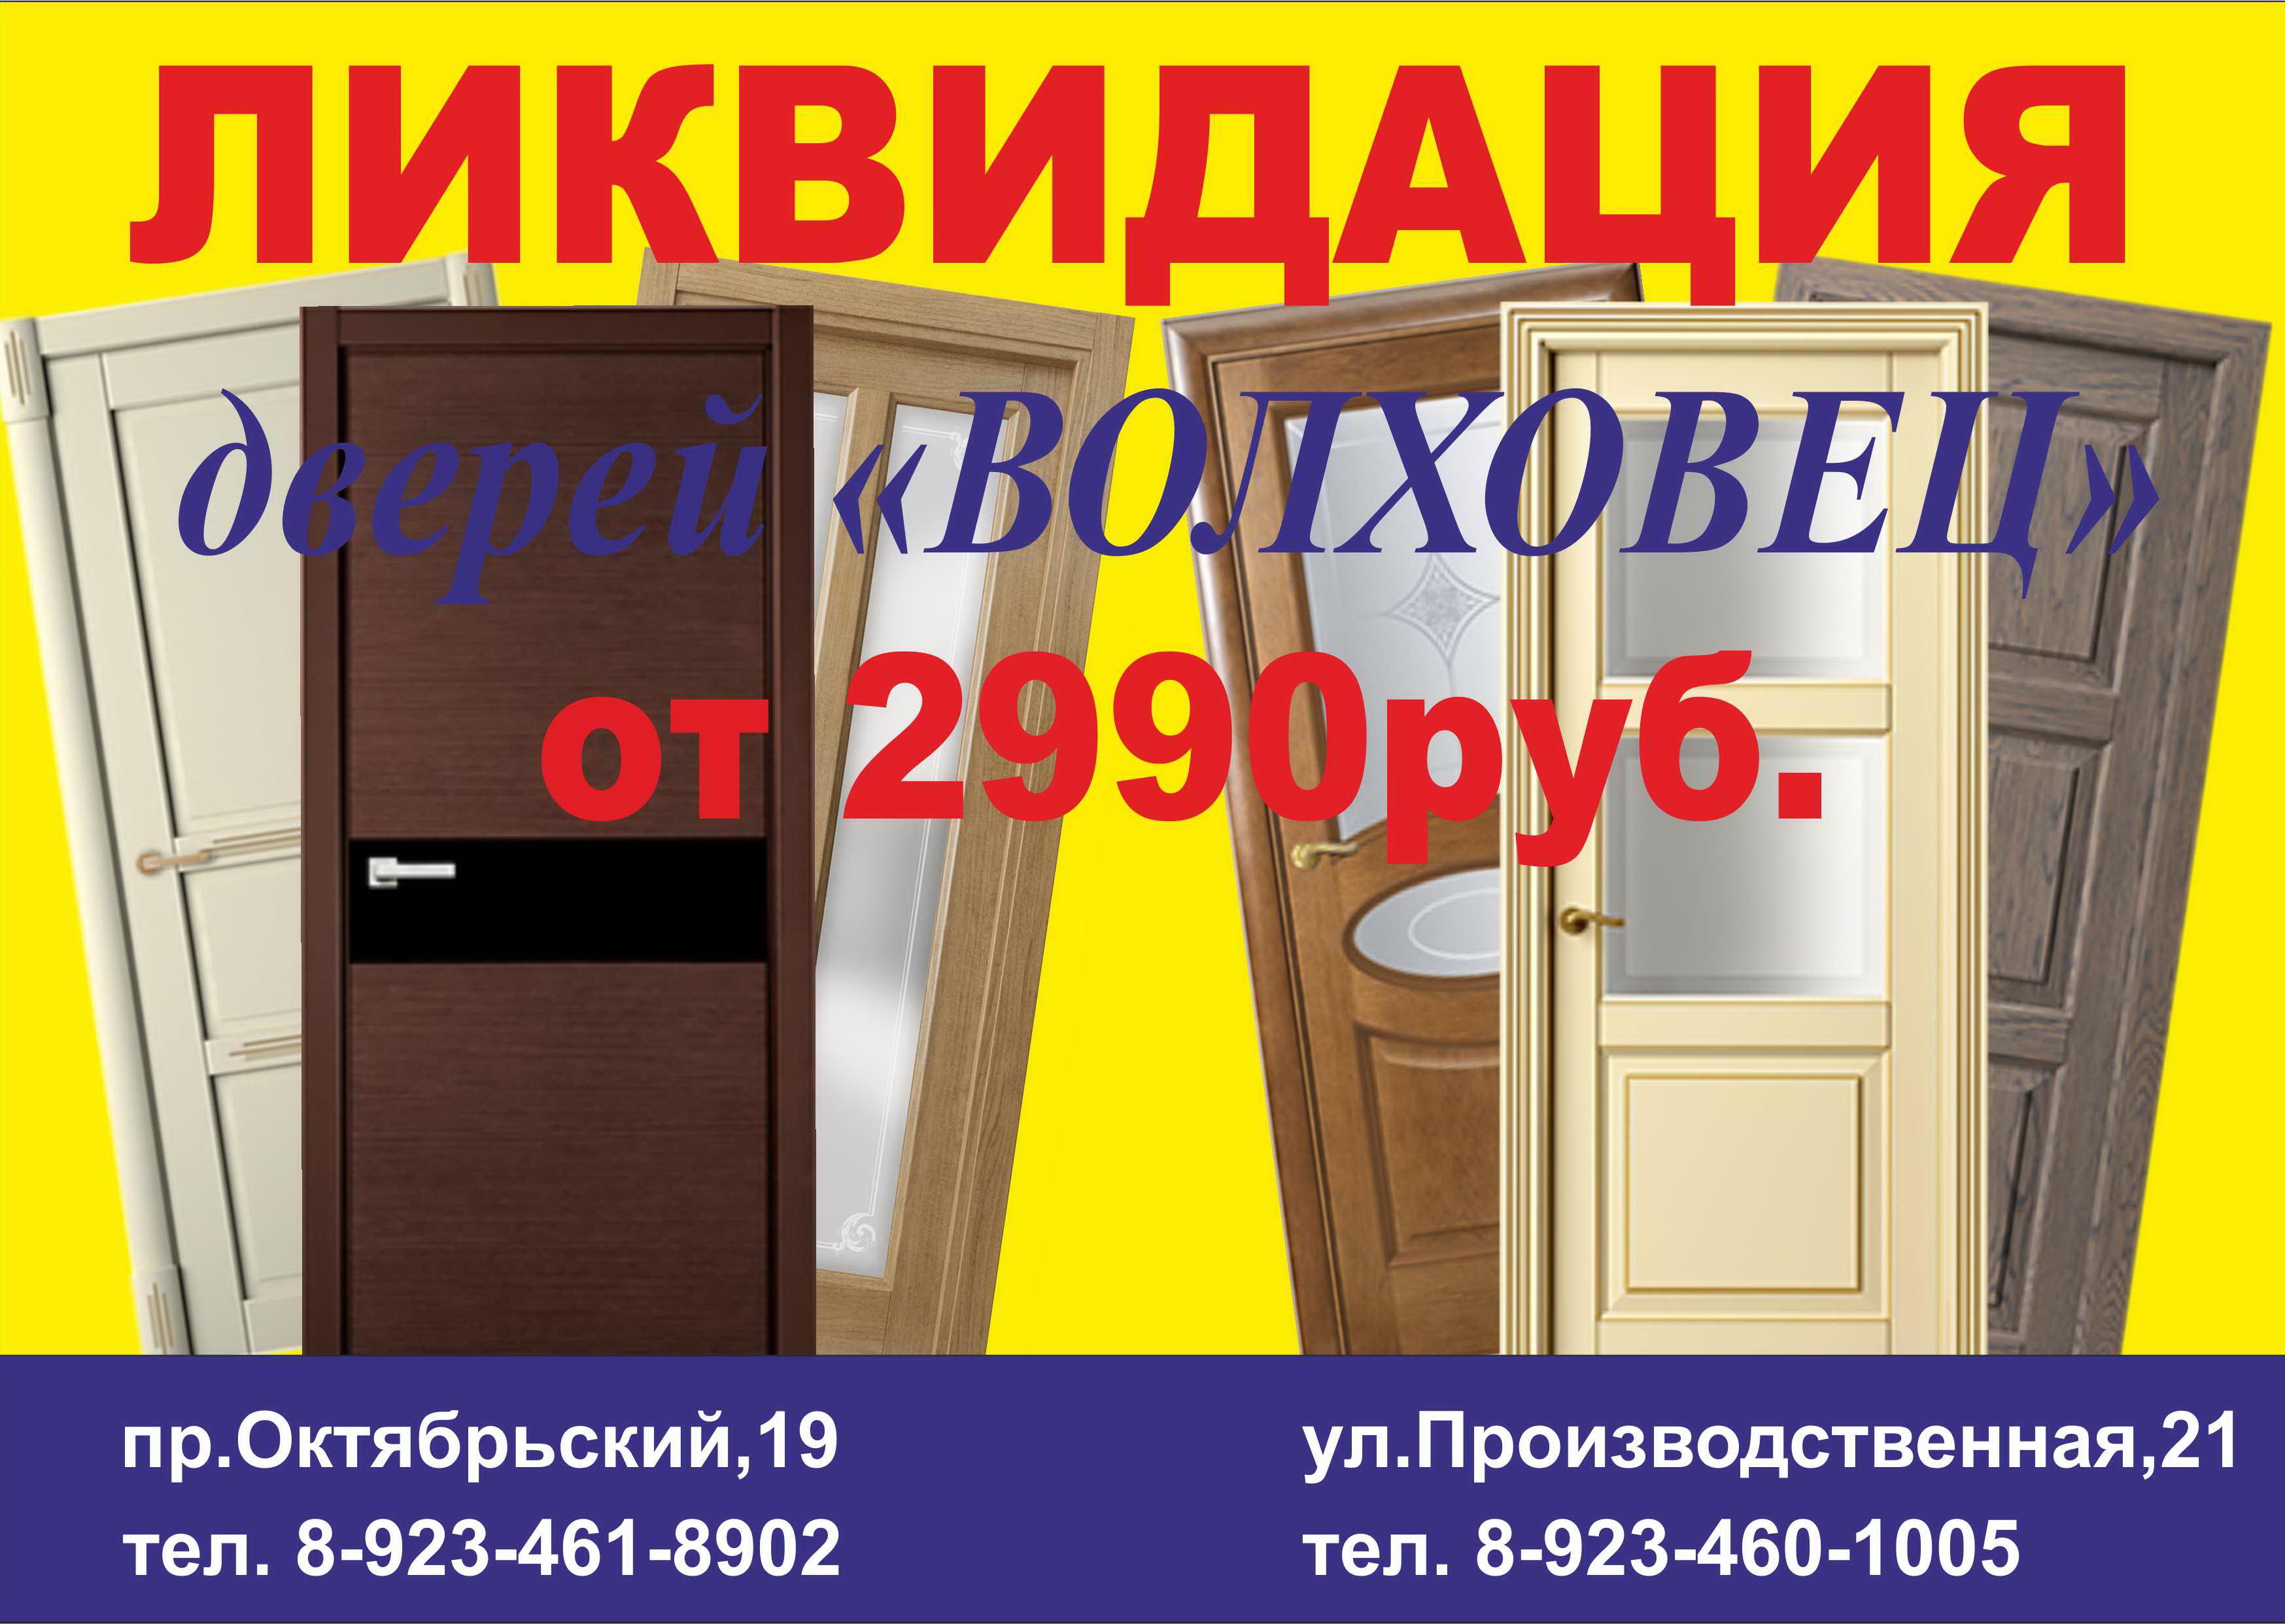 Распродажа дверей Волховец 1